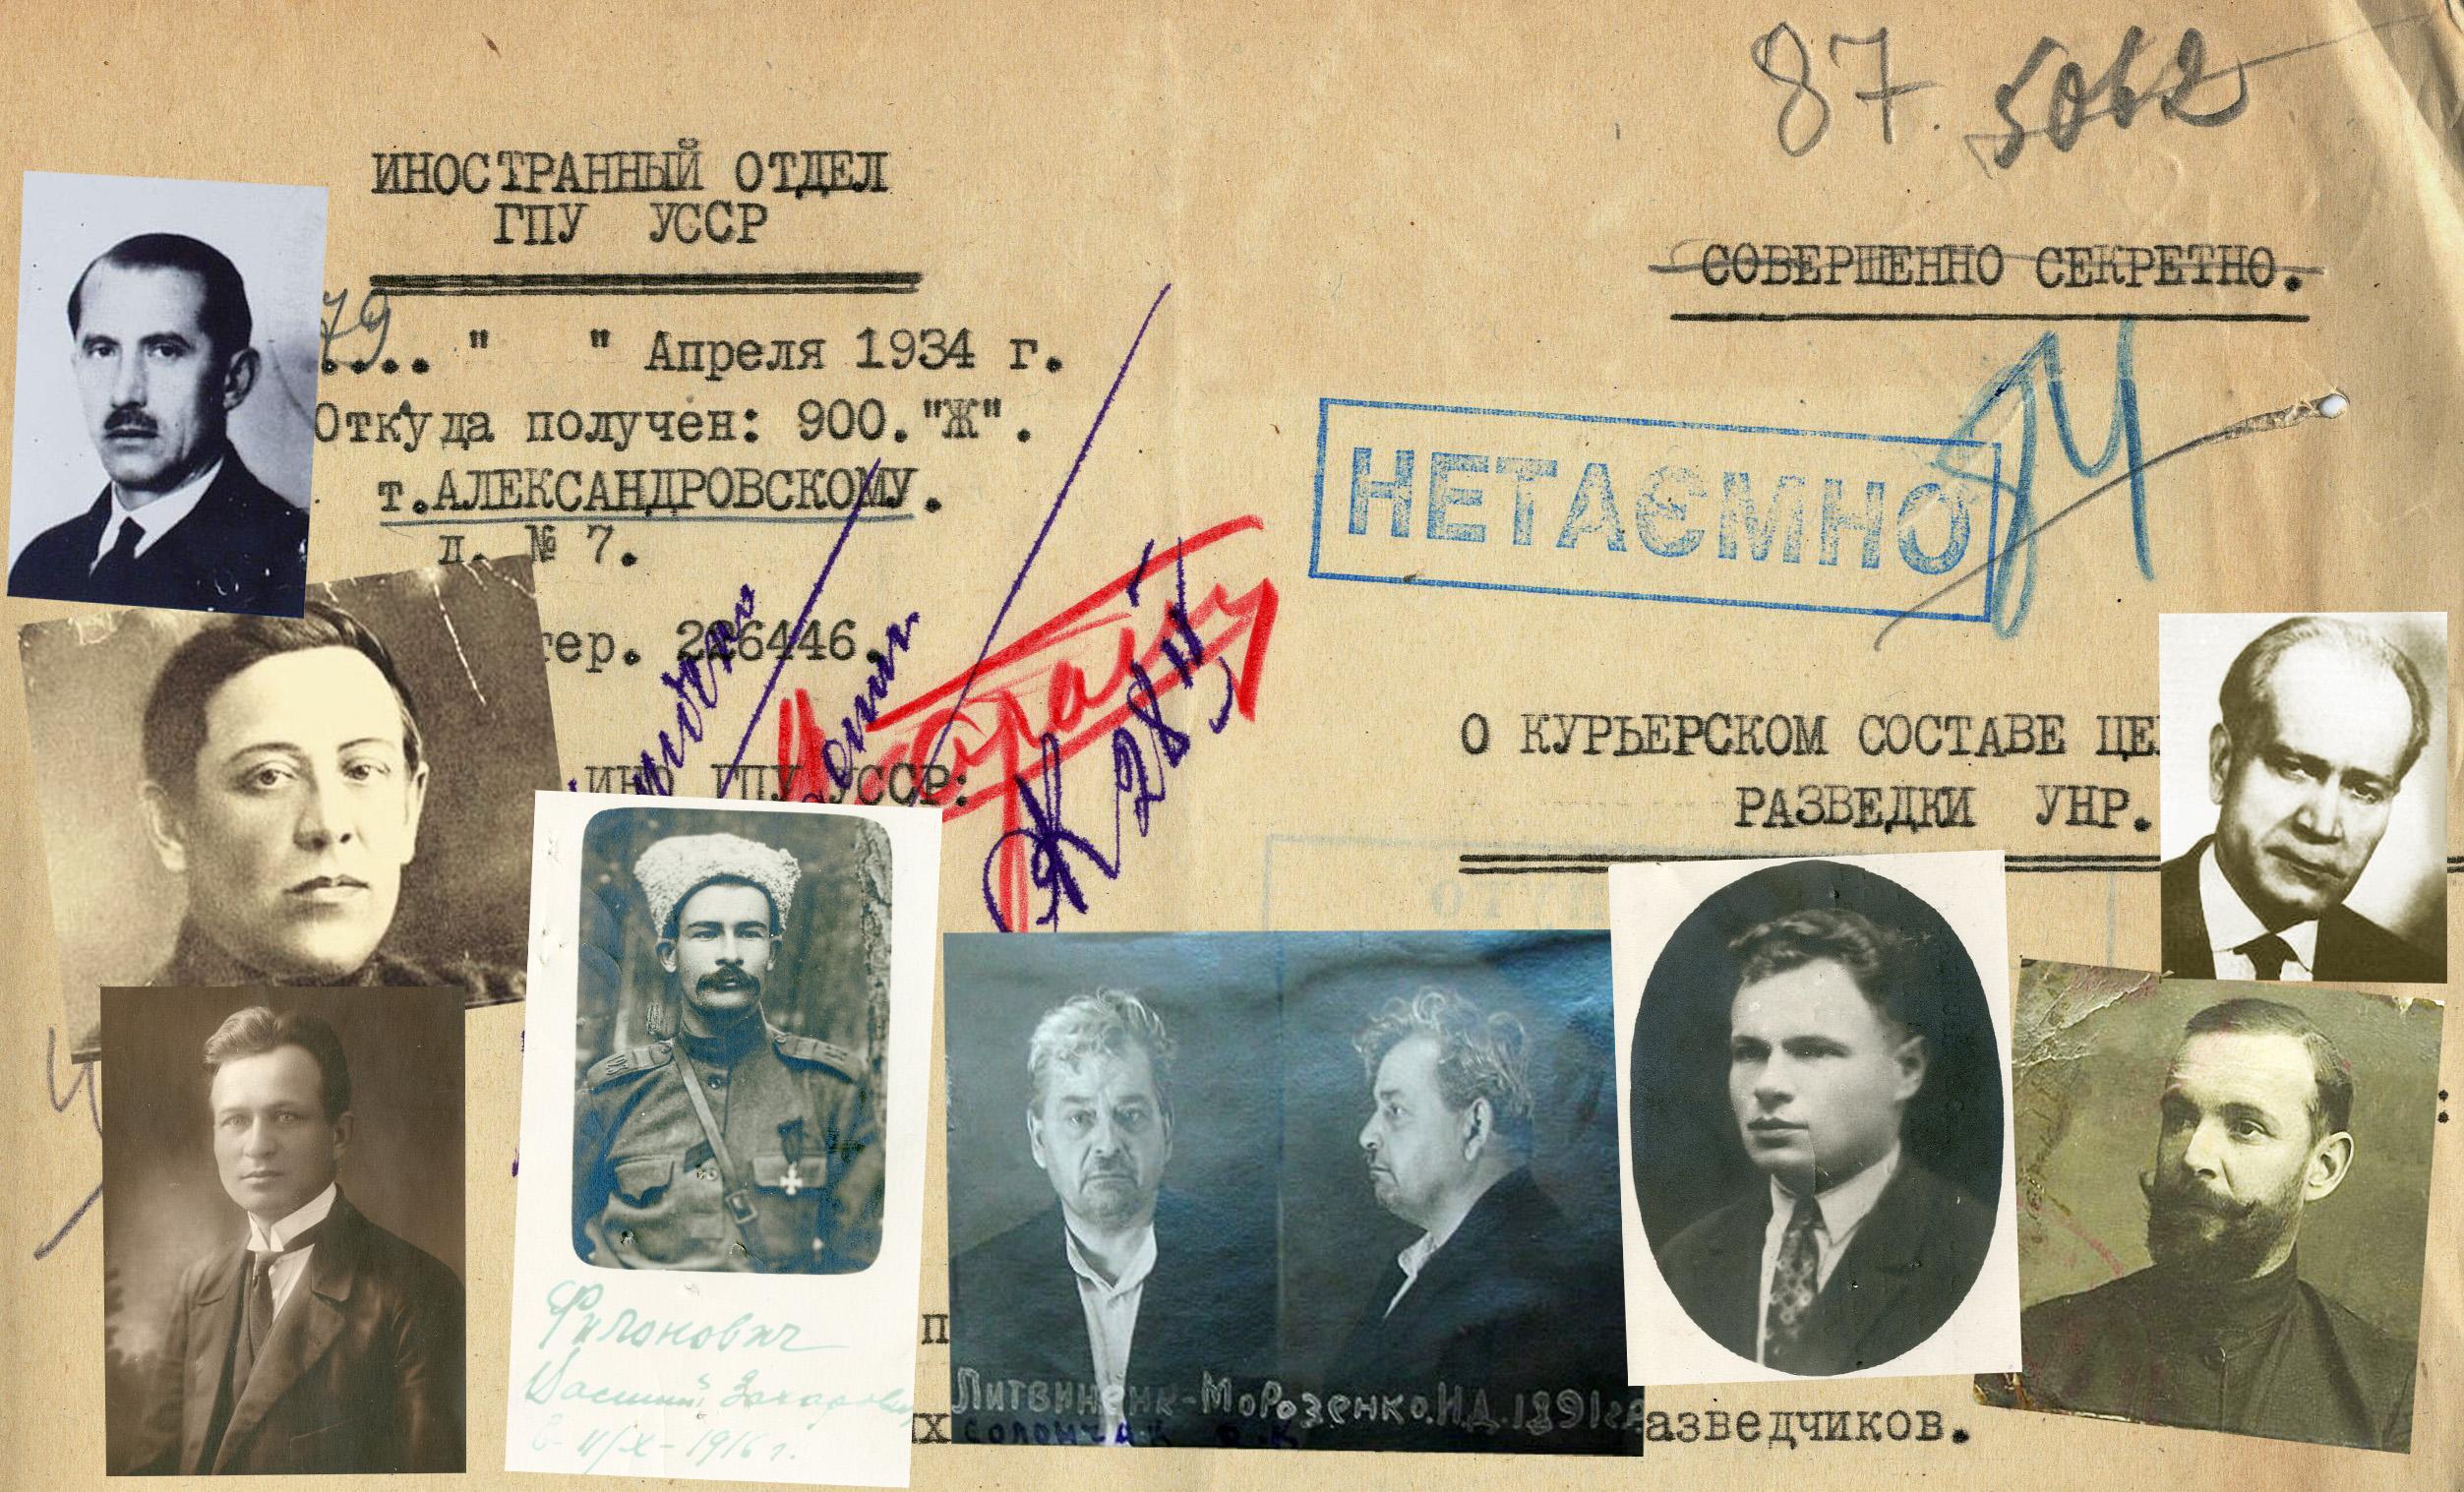 http://images.vfl.ru/ii/1617821244/d7d83917/33989608.jpg